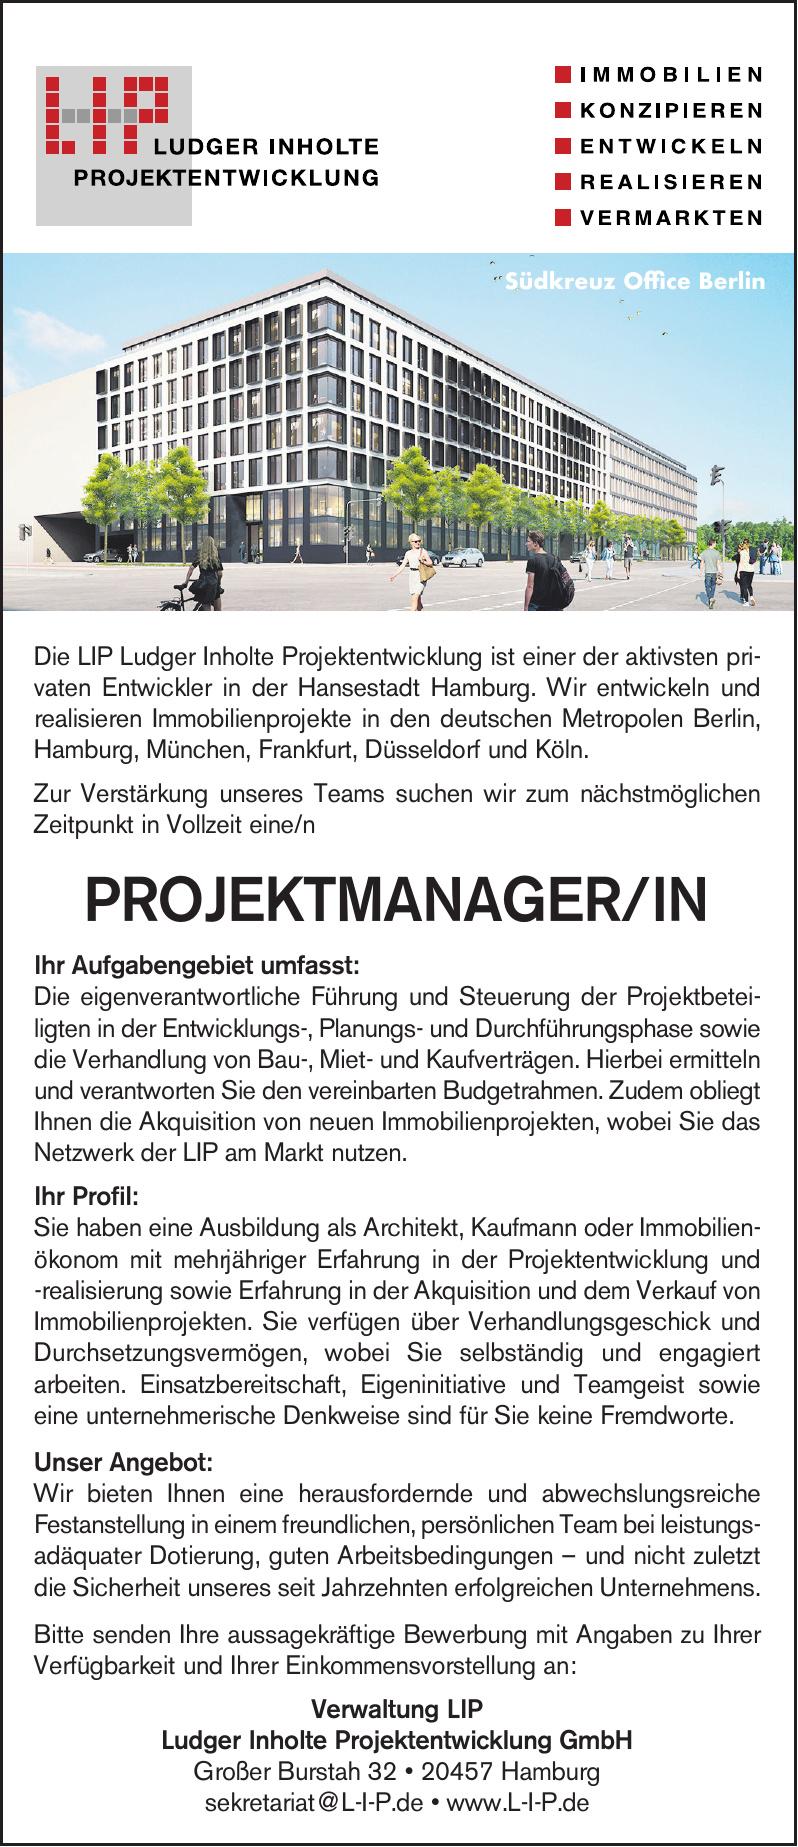 Ludger Inholte Projektentwicklung GmbH